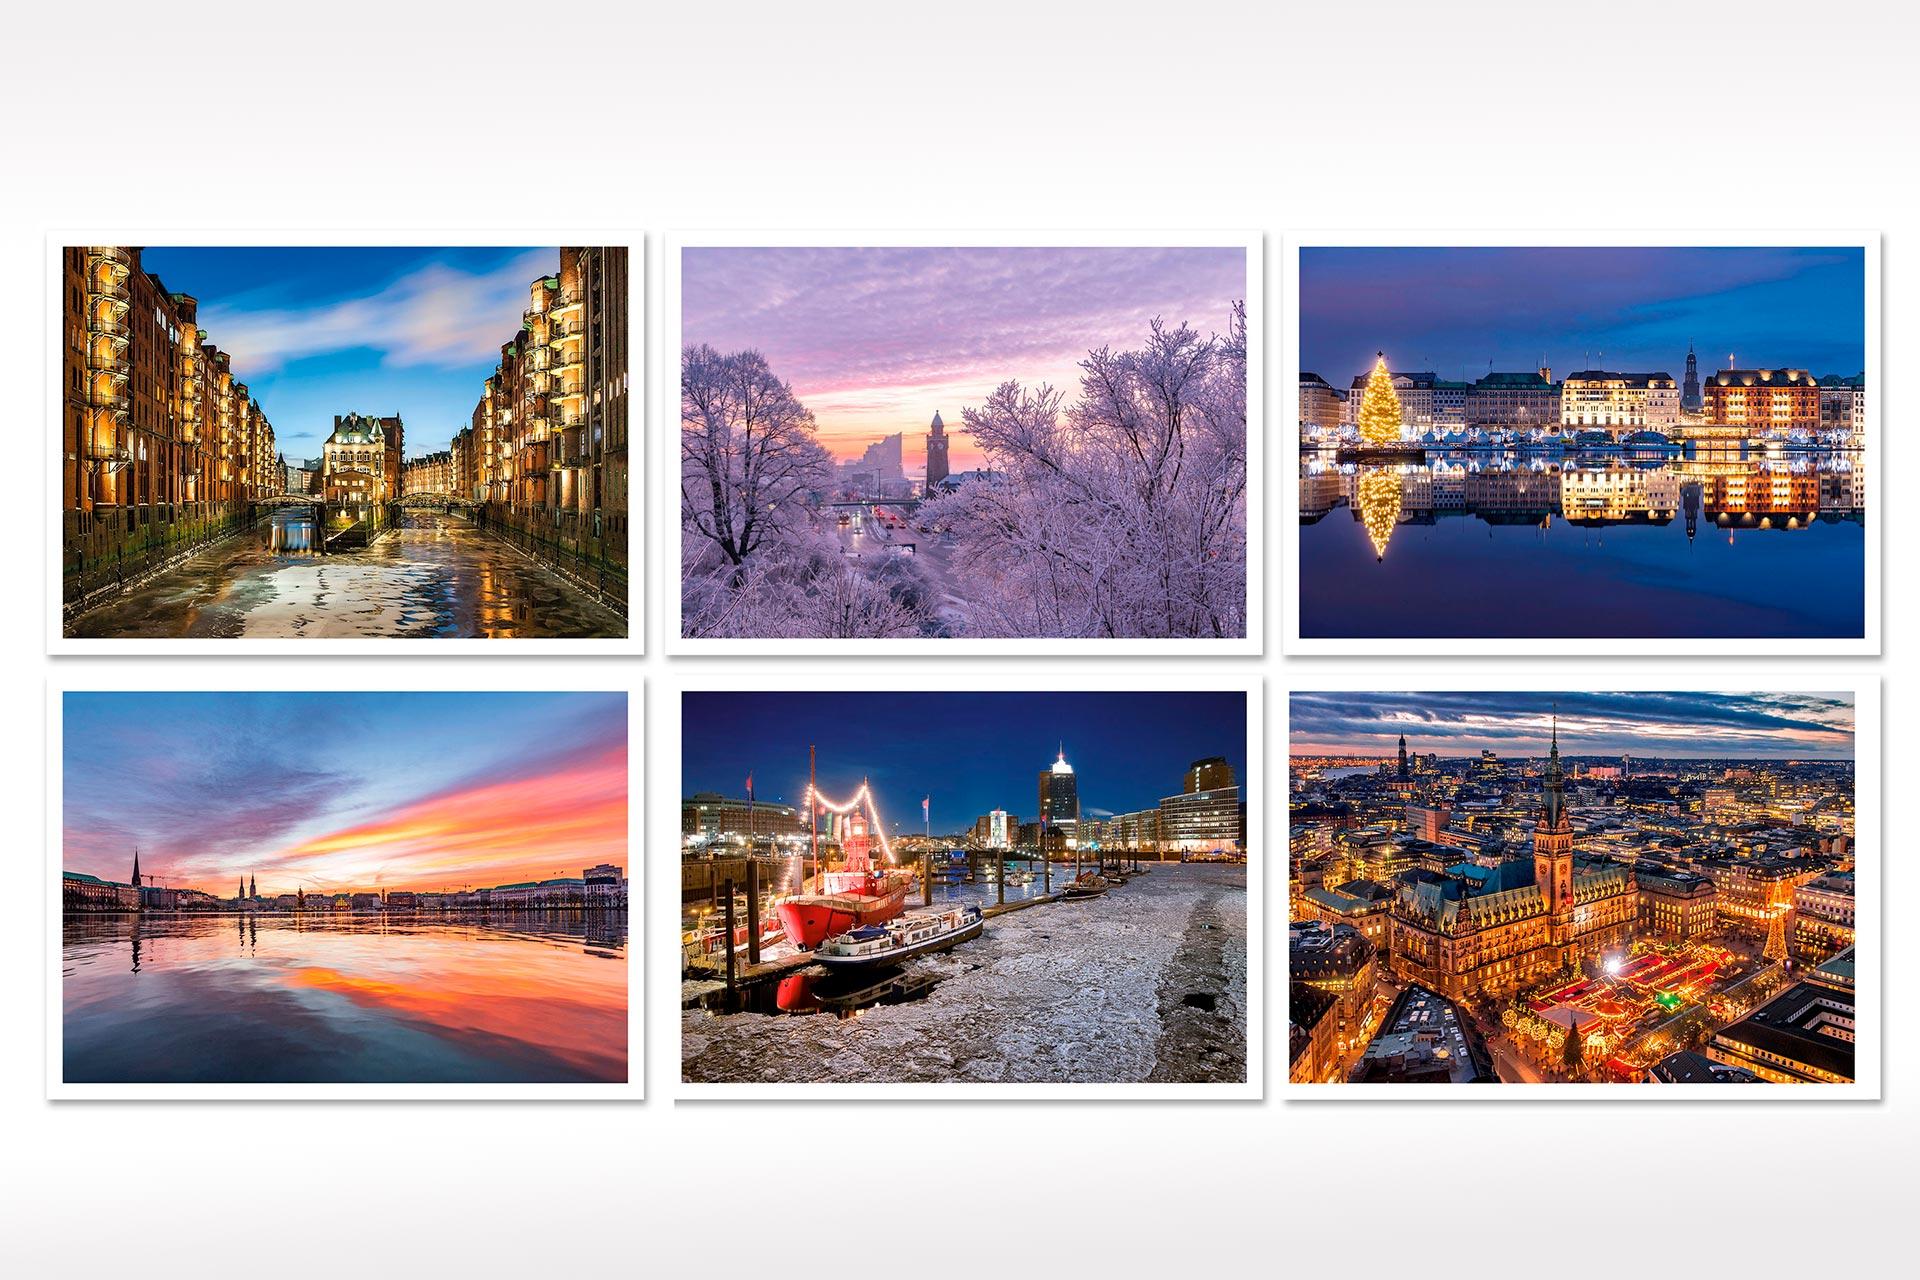 PKWW-postkarten-postkartenset-xxl-hamburg-michel-und-elbe